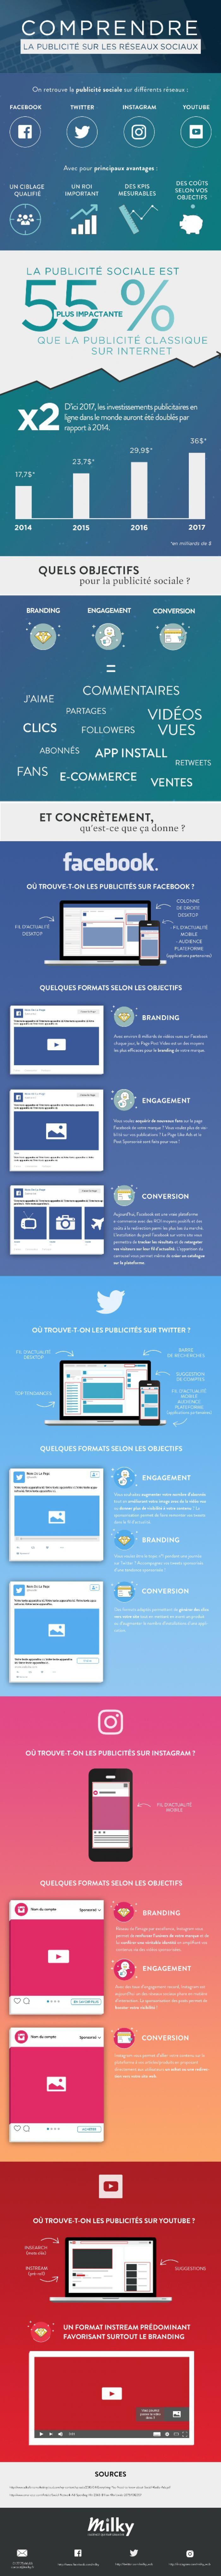 Objectifs, formats possibles, avantages et résultats,...Cette infographie réalisée par l'agence Milky décortique 4 des principaux réseaux sociaux pour mie